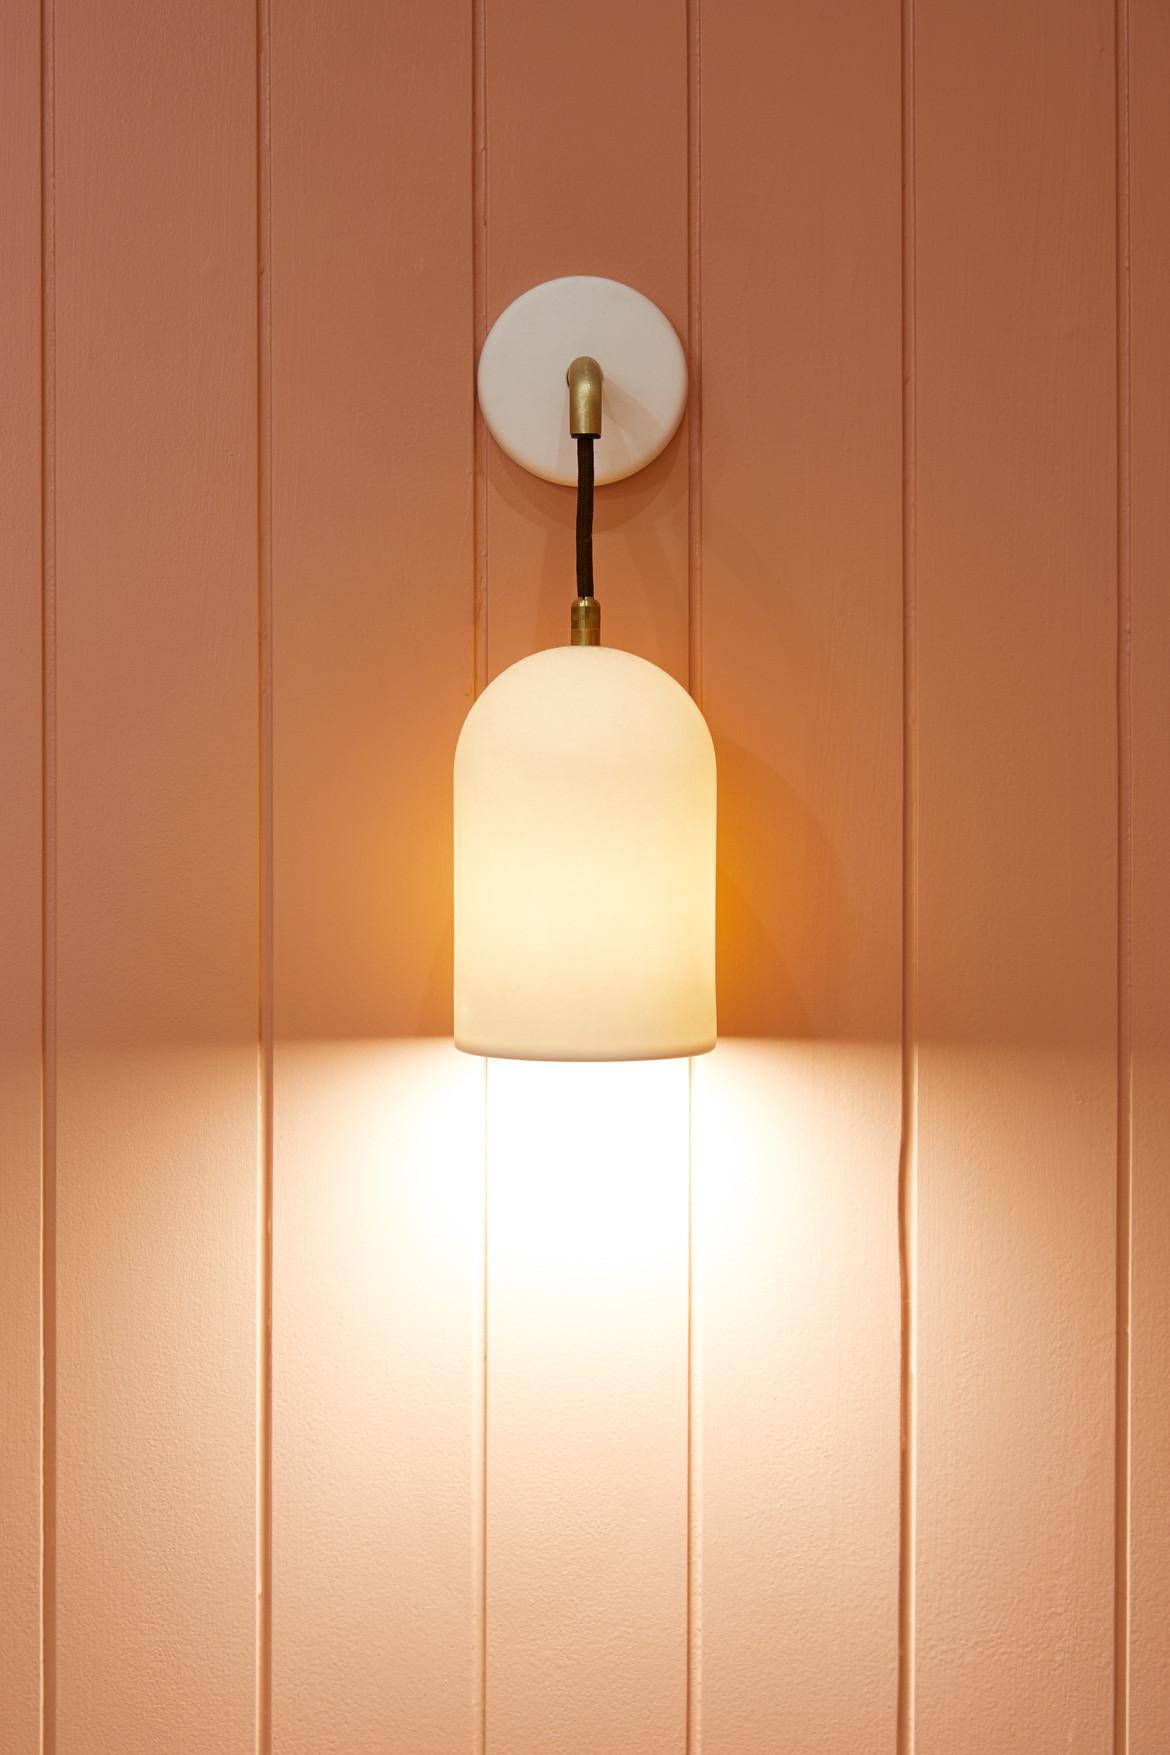 Tulip Cafe CoLab Design Studio Lighting